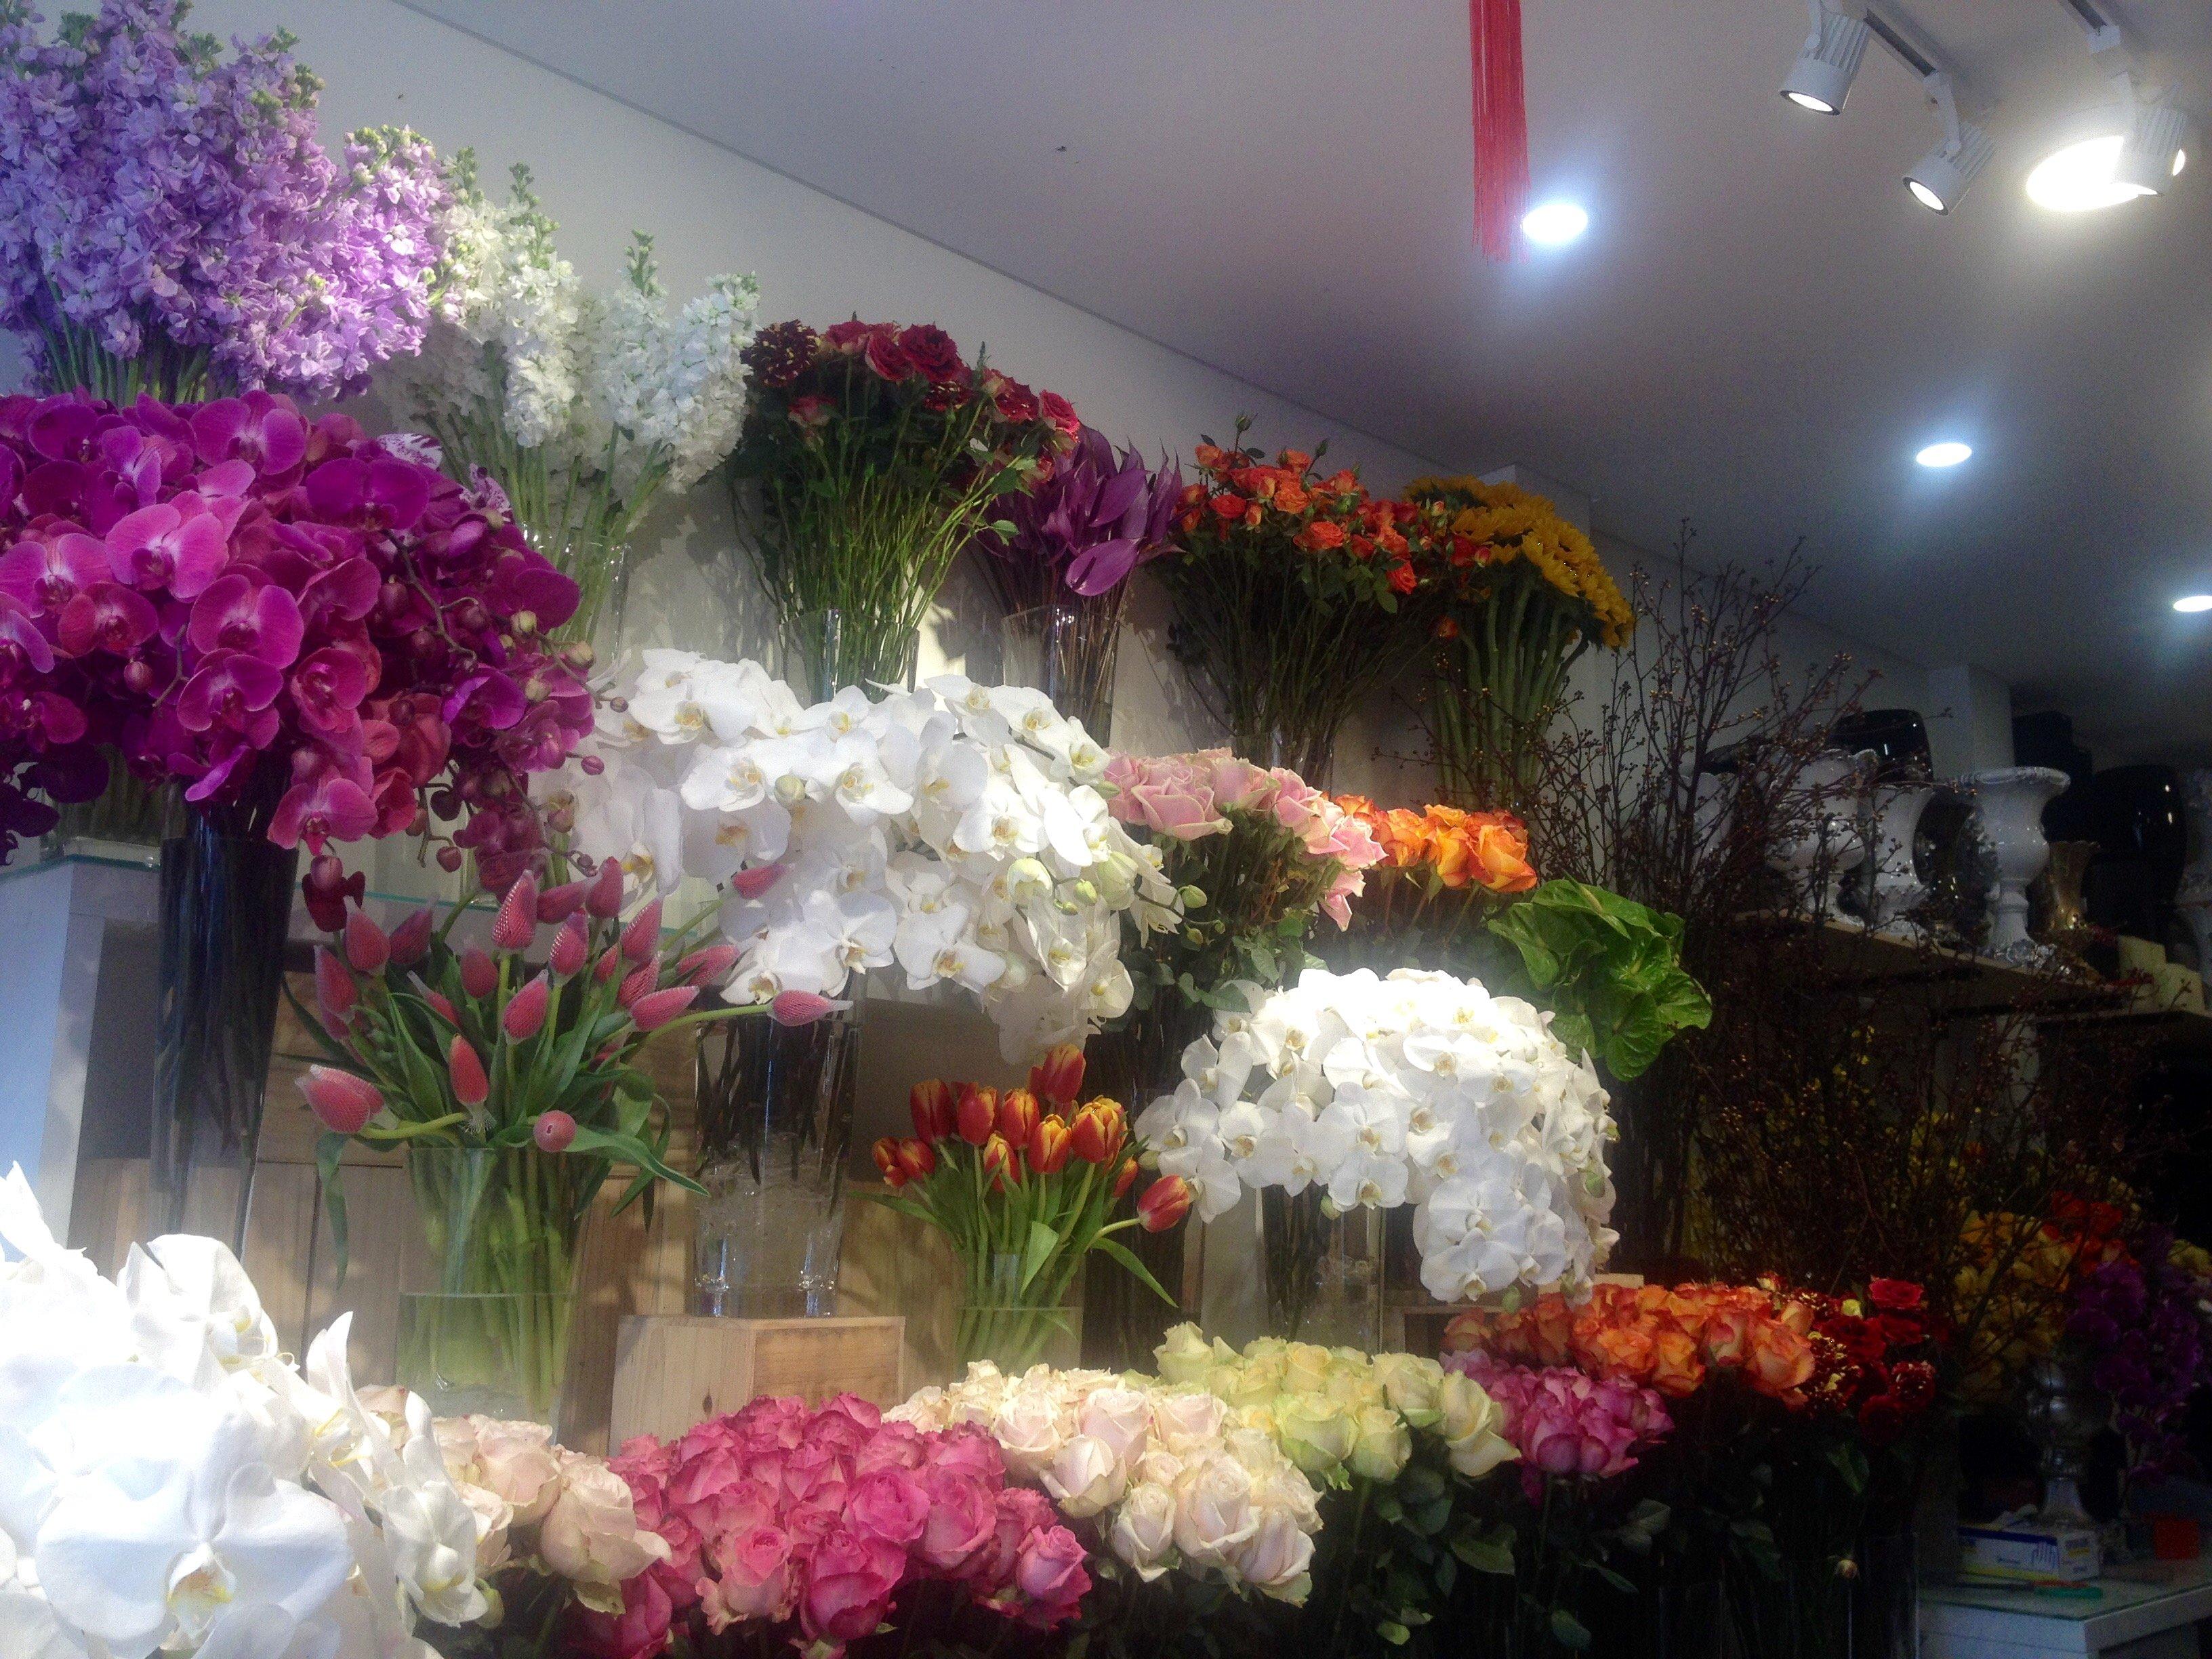 Hình ảnh Bí quyết chọn hoa tươi và giữ hoa khỏe mạnh số 4